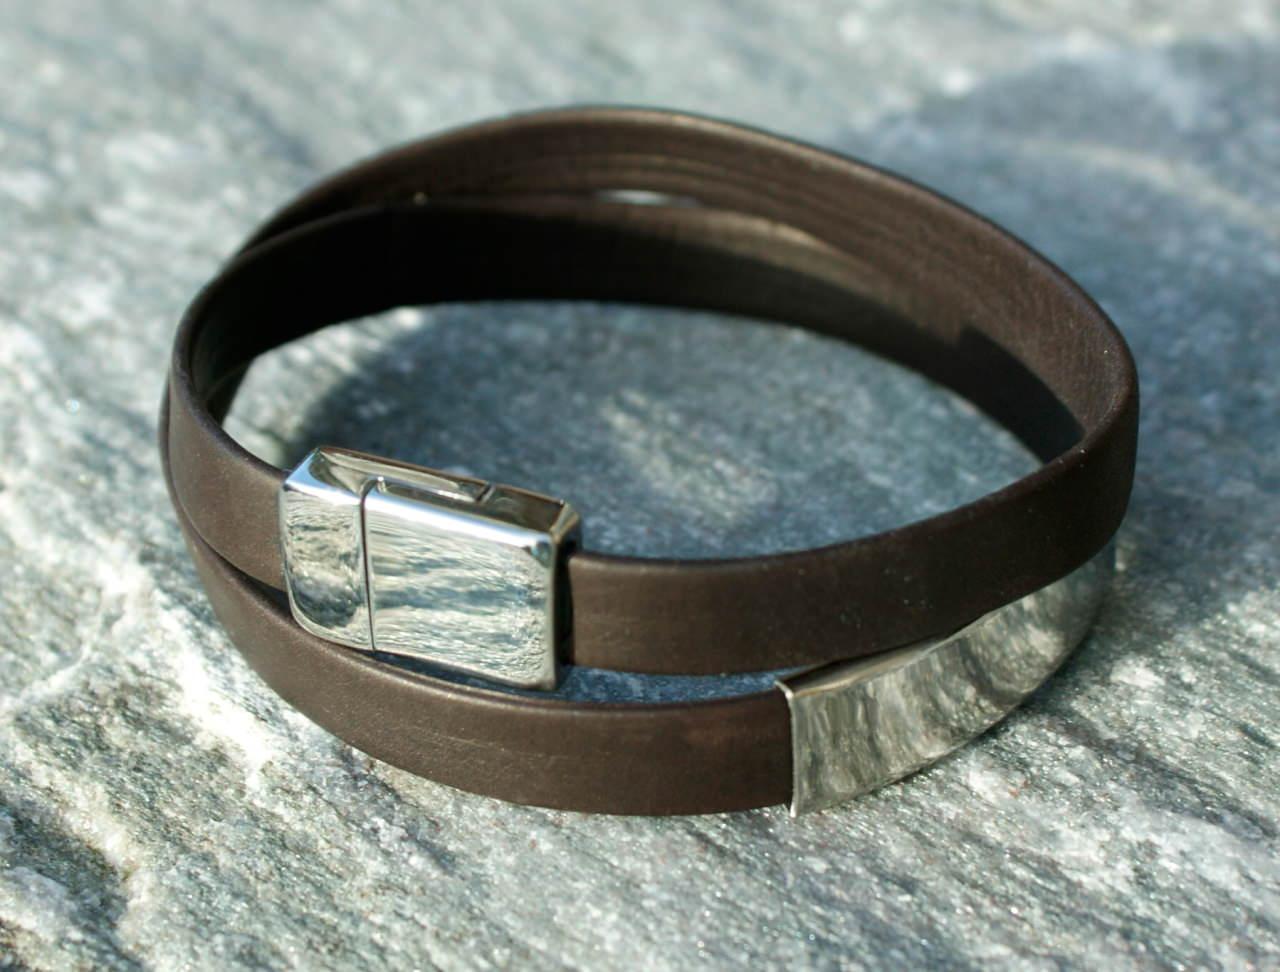 Kleinesbild - Männer Wickel-Armband Nappa-Leder braun, Edelstahl schlicht elegant